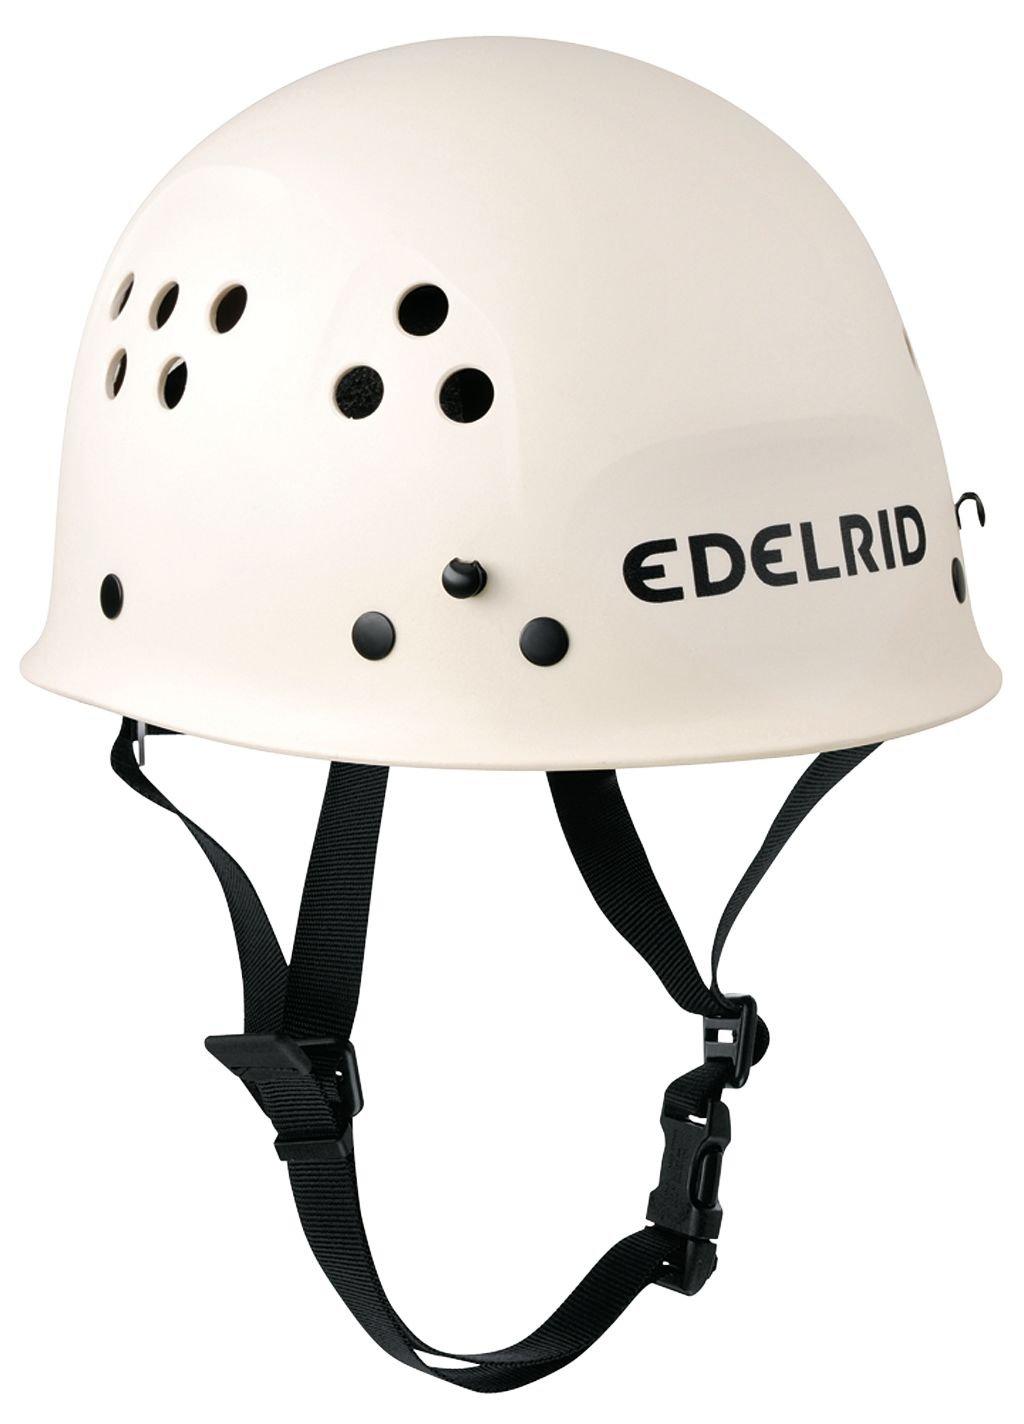 EDELRID - Ultralight Hardshell Helmet, Snow